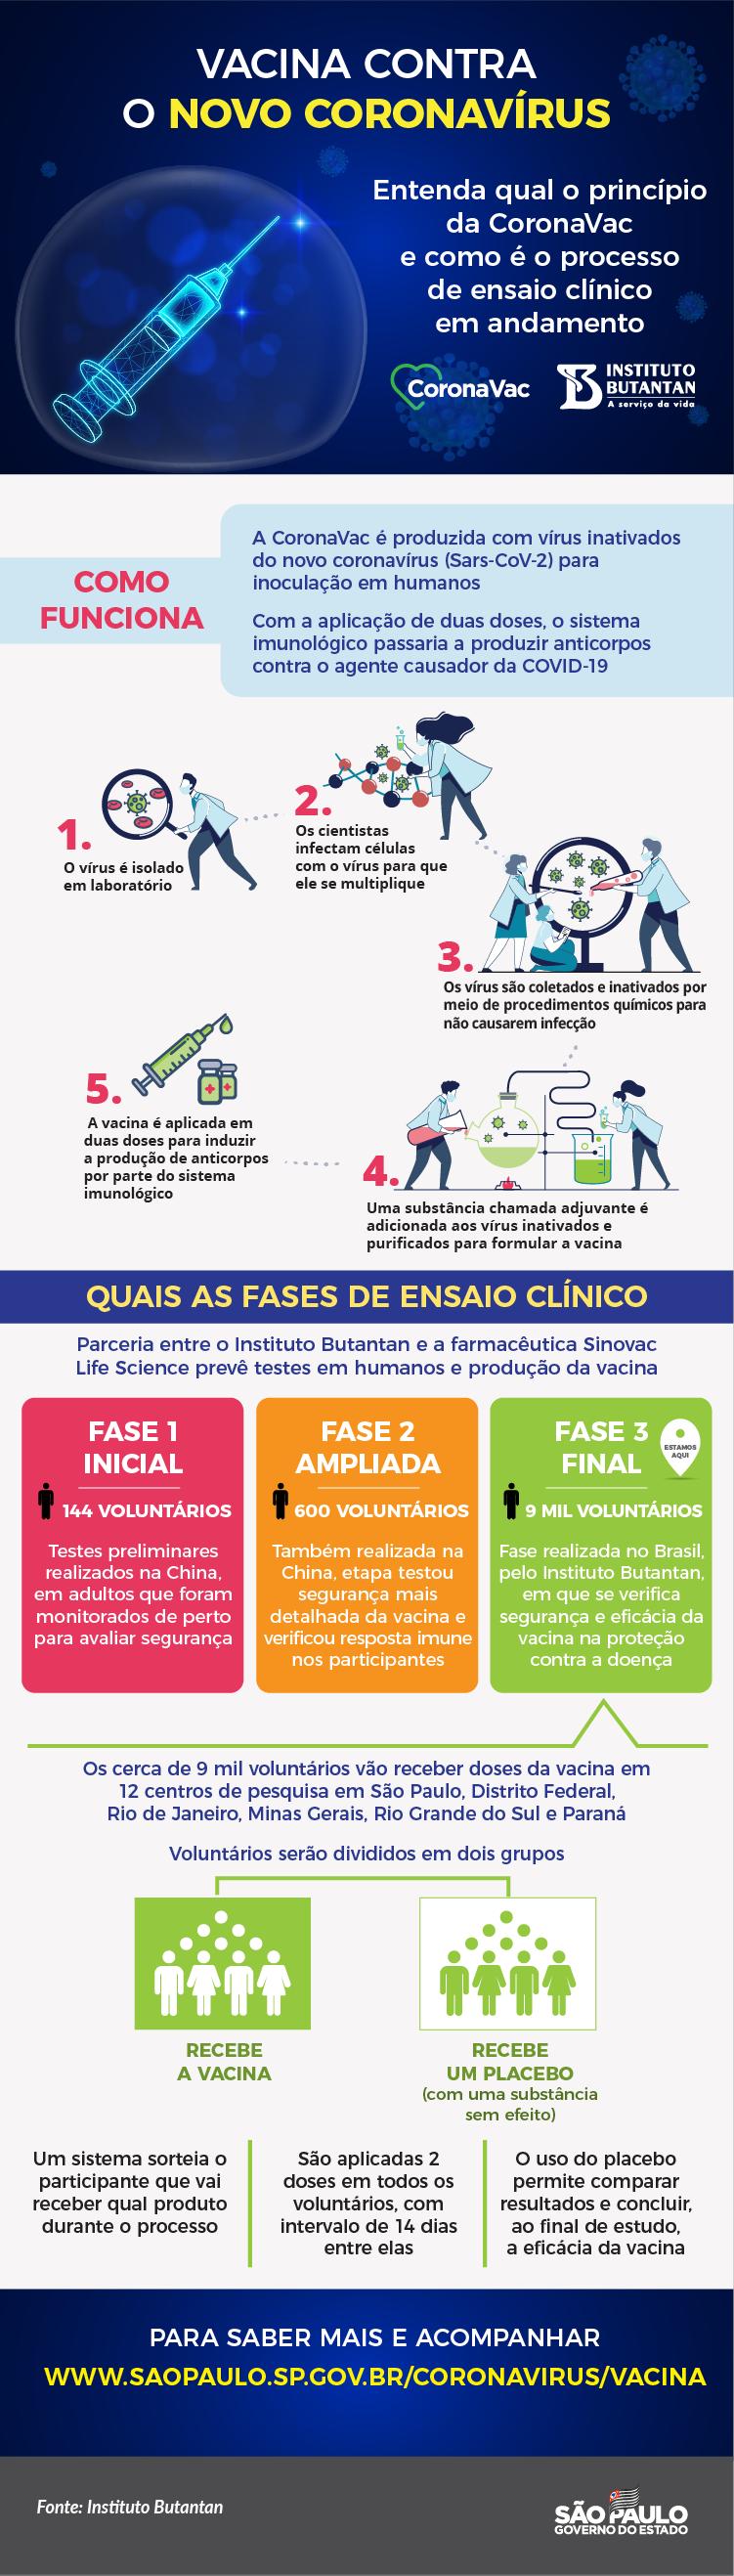 Coronavirus Sem Fake Nº 9 Contrato Fabricacao E Teste Da Vacina Contra Covid 19 Governo Do Estado De Sao Paulo